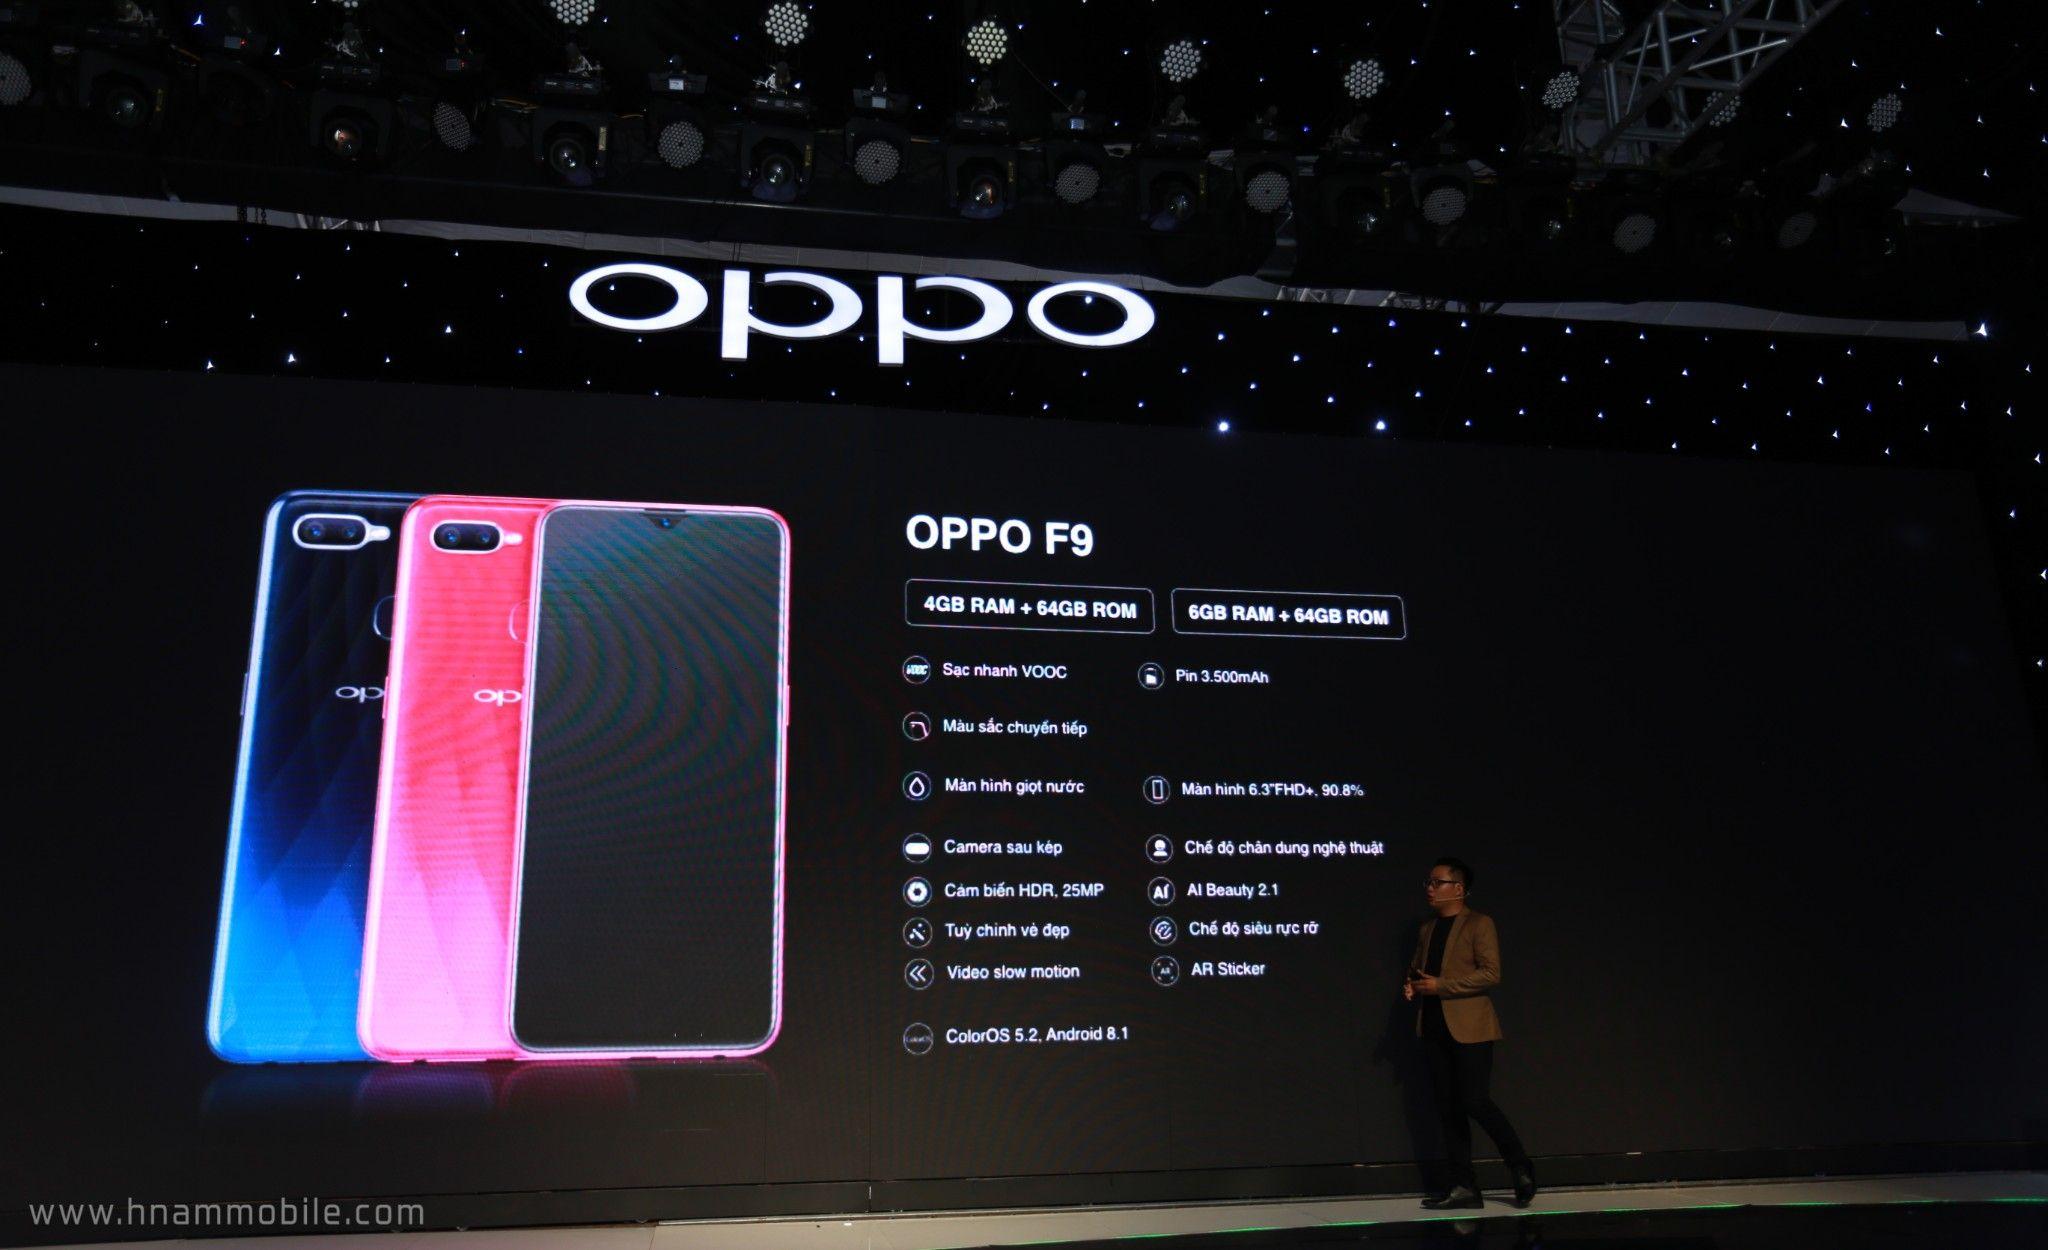 OPPO F9 ra mắt: Màn hình giọt nước, sạc nhanh VOOC, camera kép, giá 7.690.000 VNĐ hình 7